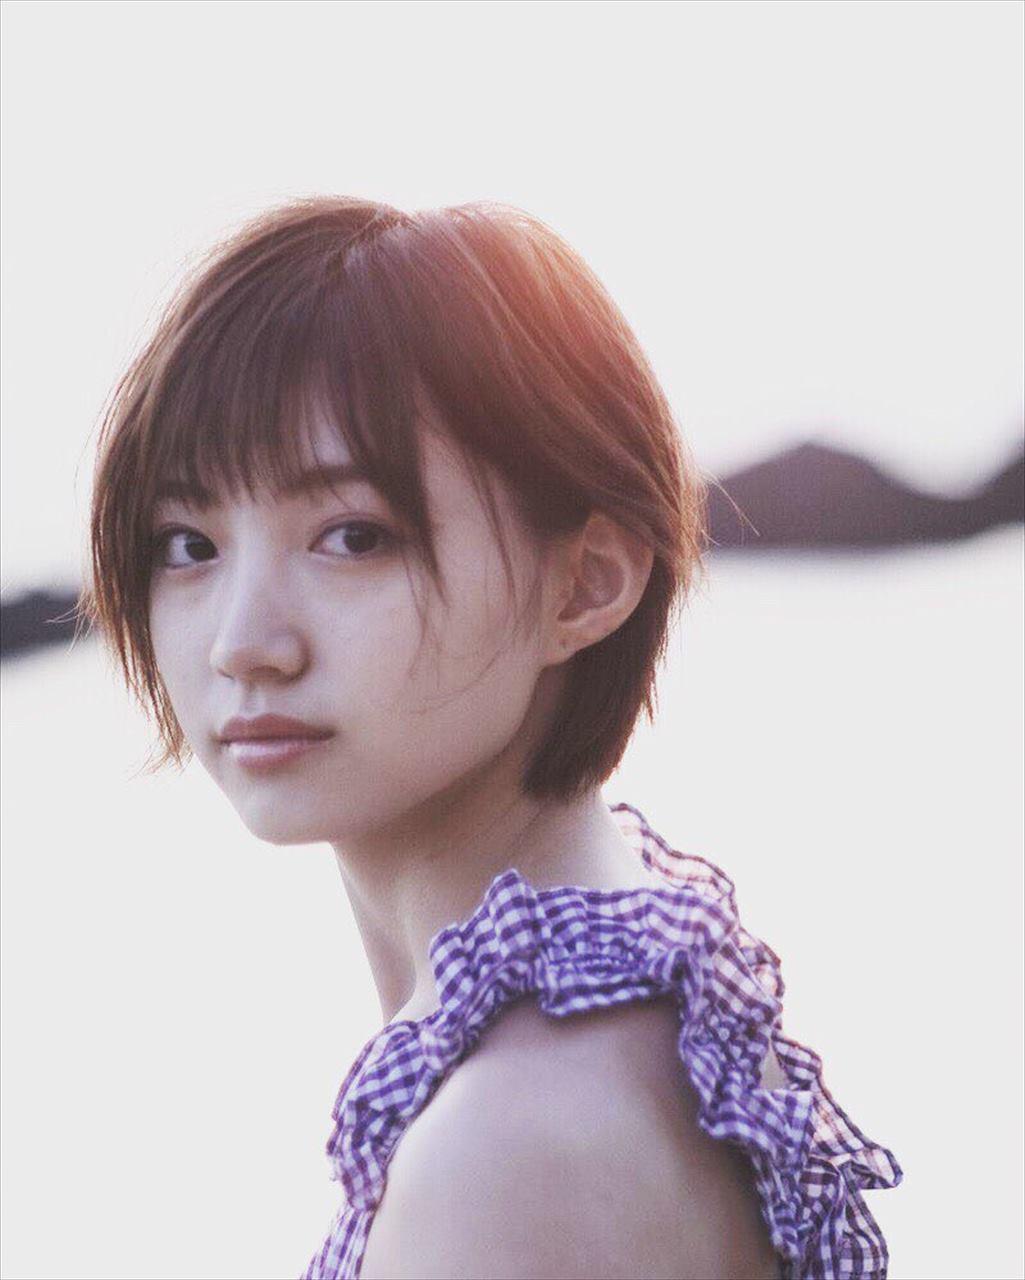 Ota Yuri 太田夢莉